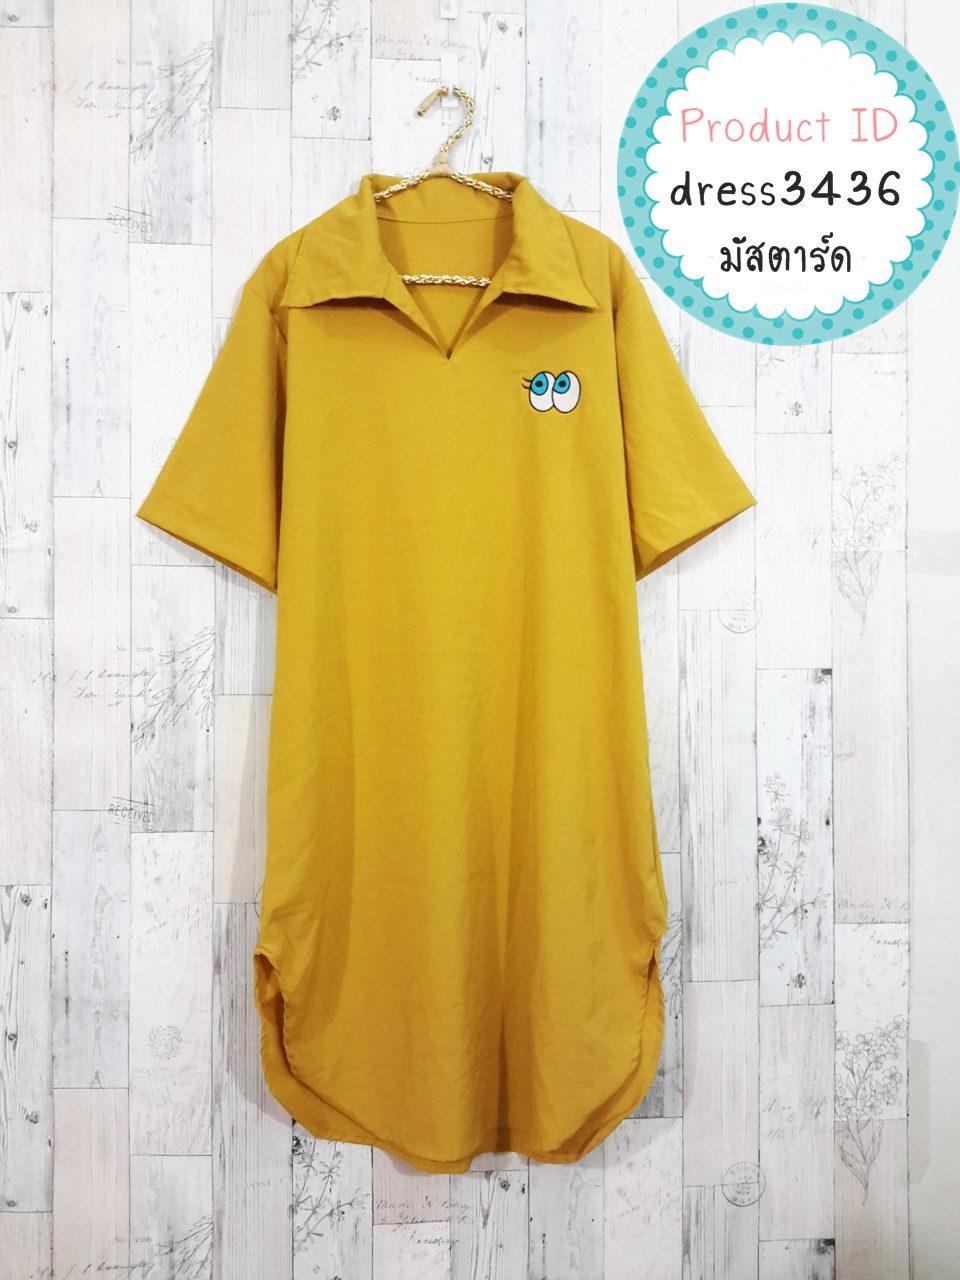 Dress3436 Big Size Dress ชุดเดรสไซส์ใหญ่คอปกเชิ้ต แขนสั้น ผ้าหางกระรอกเนื้อดีสีพื้นเหลืองมัสตาร์ด